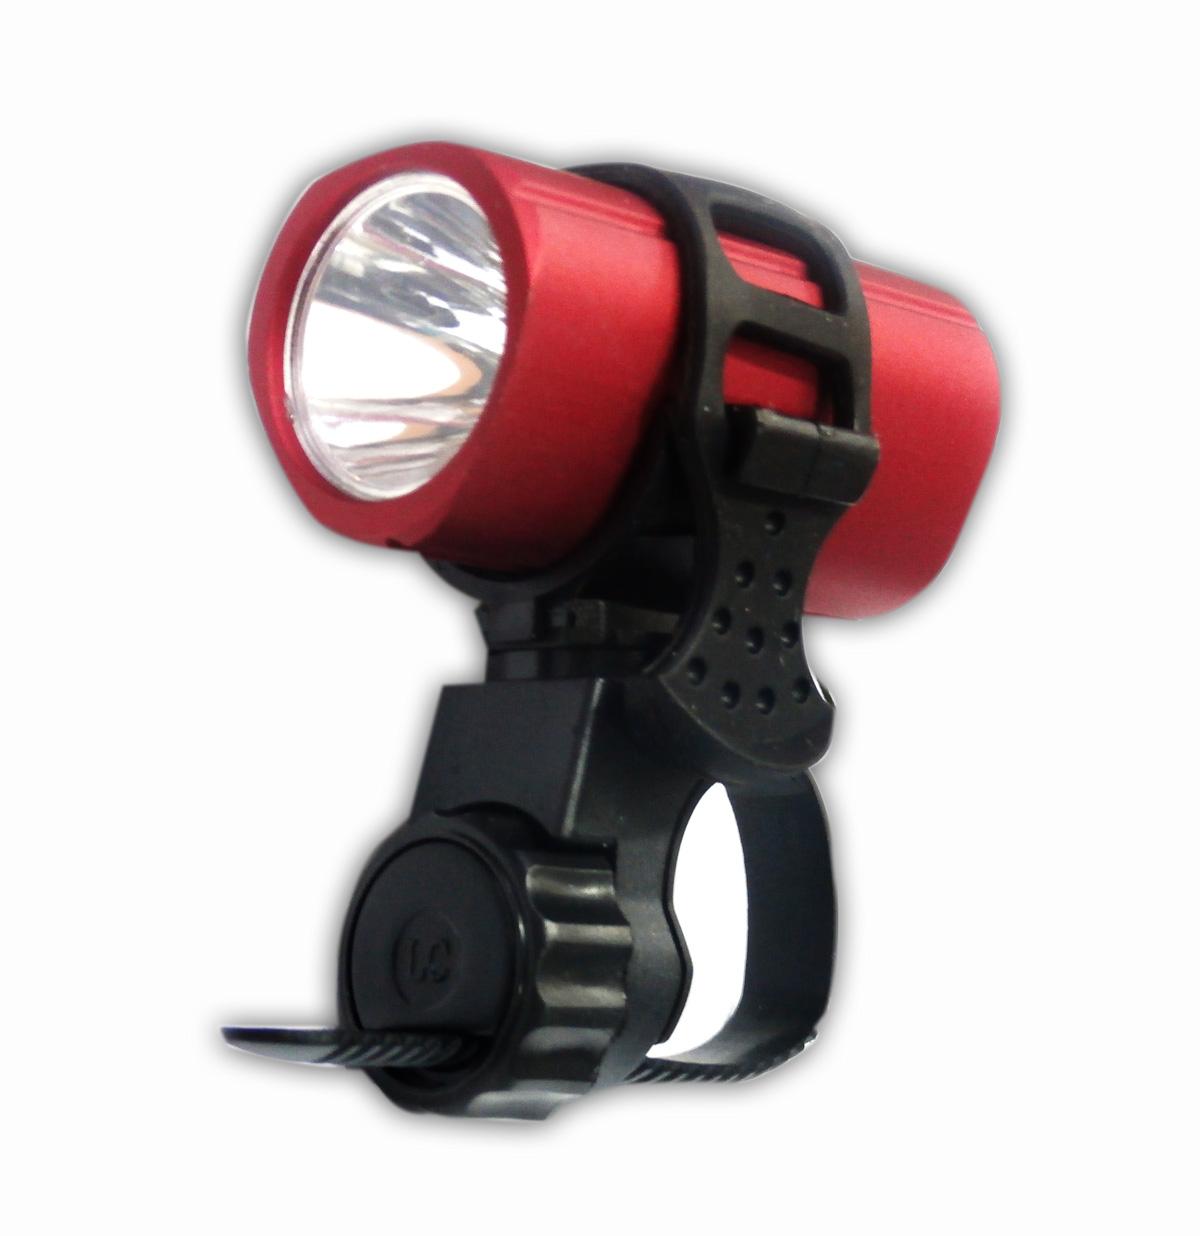 ชุดไฟหน้า Super Bright LED พร้อมขารัดไฟซิลิโคน (แดง)